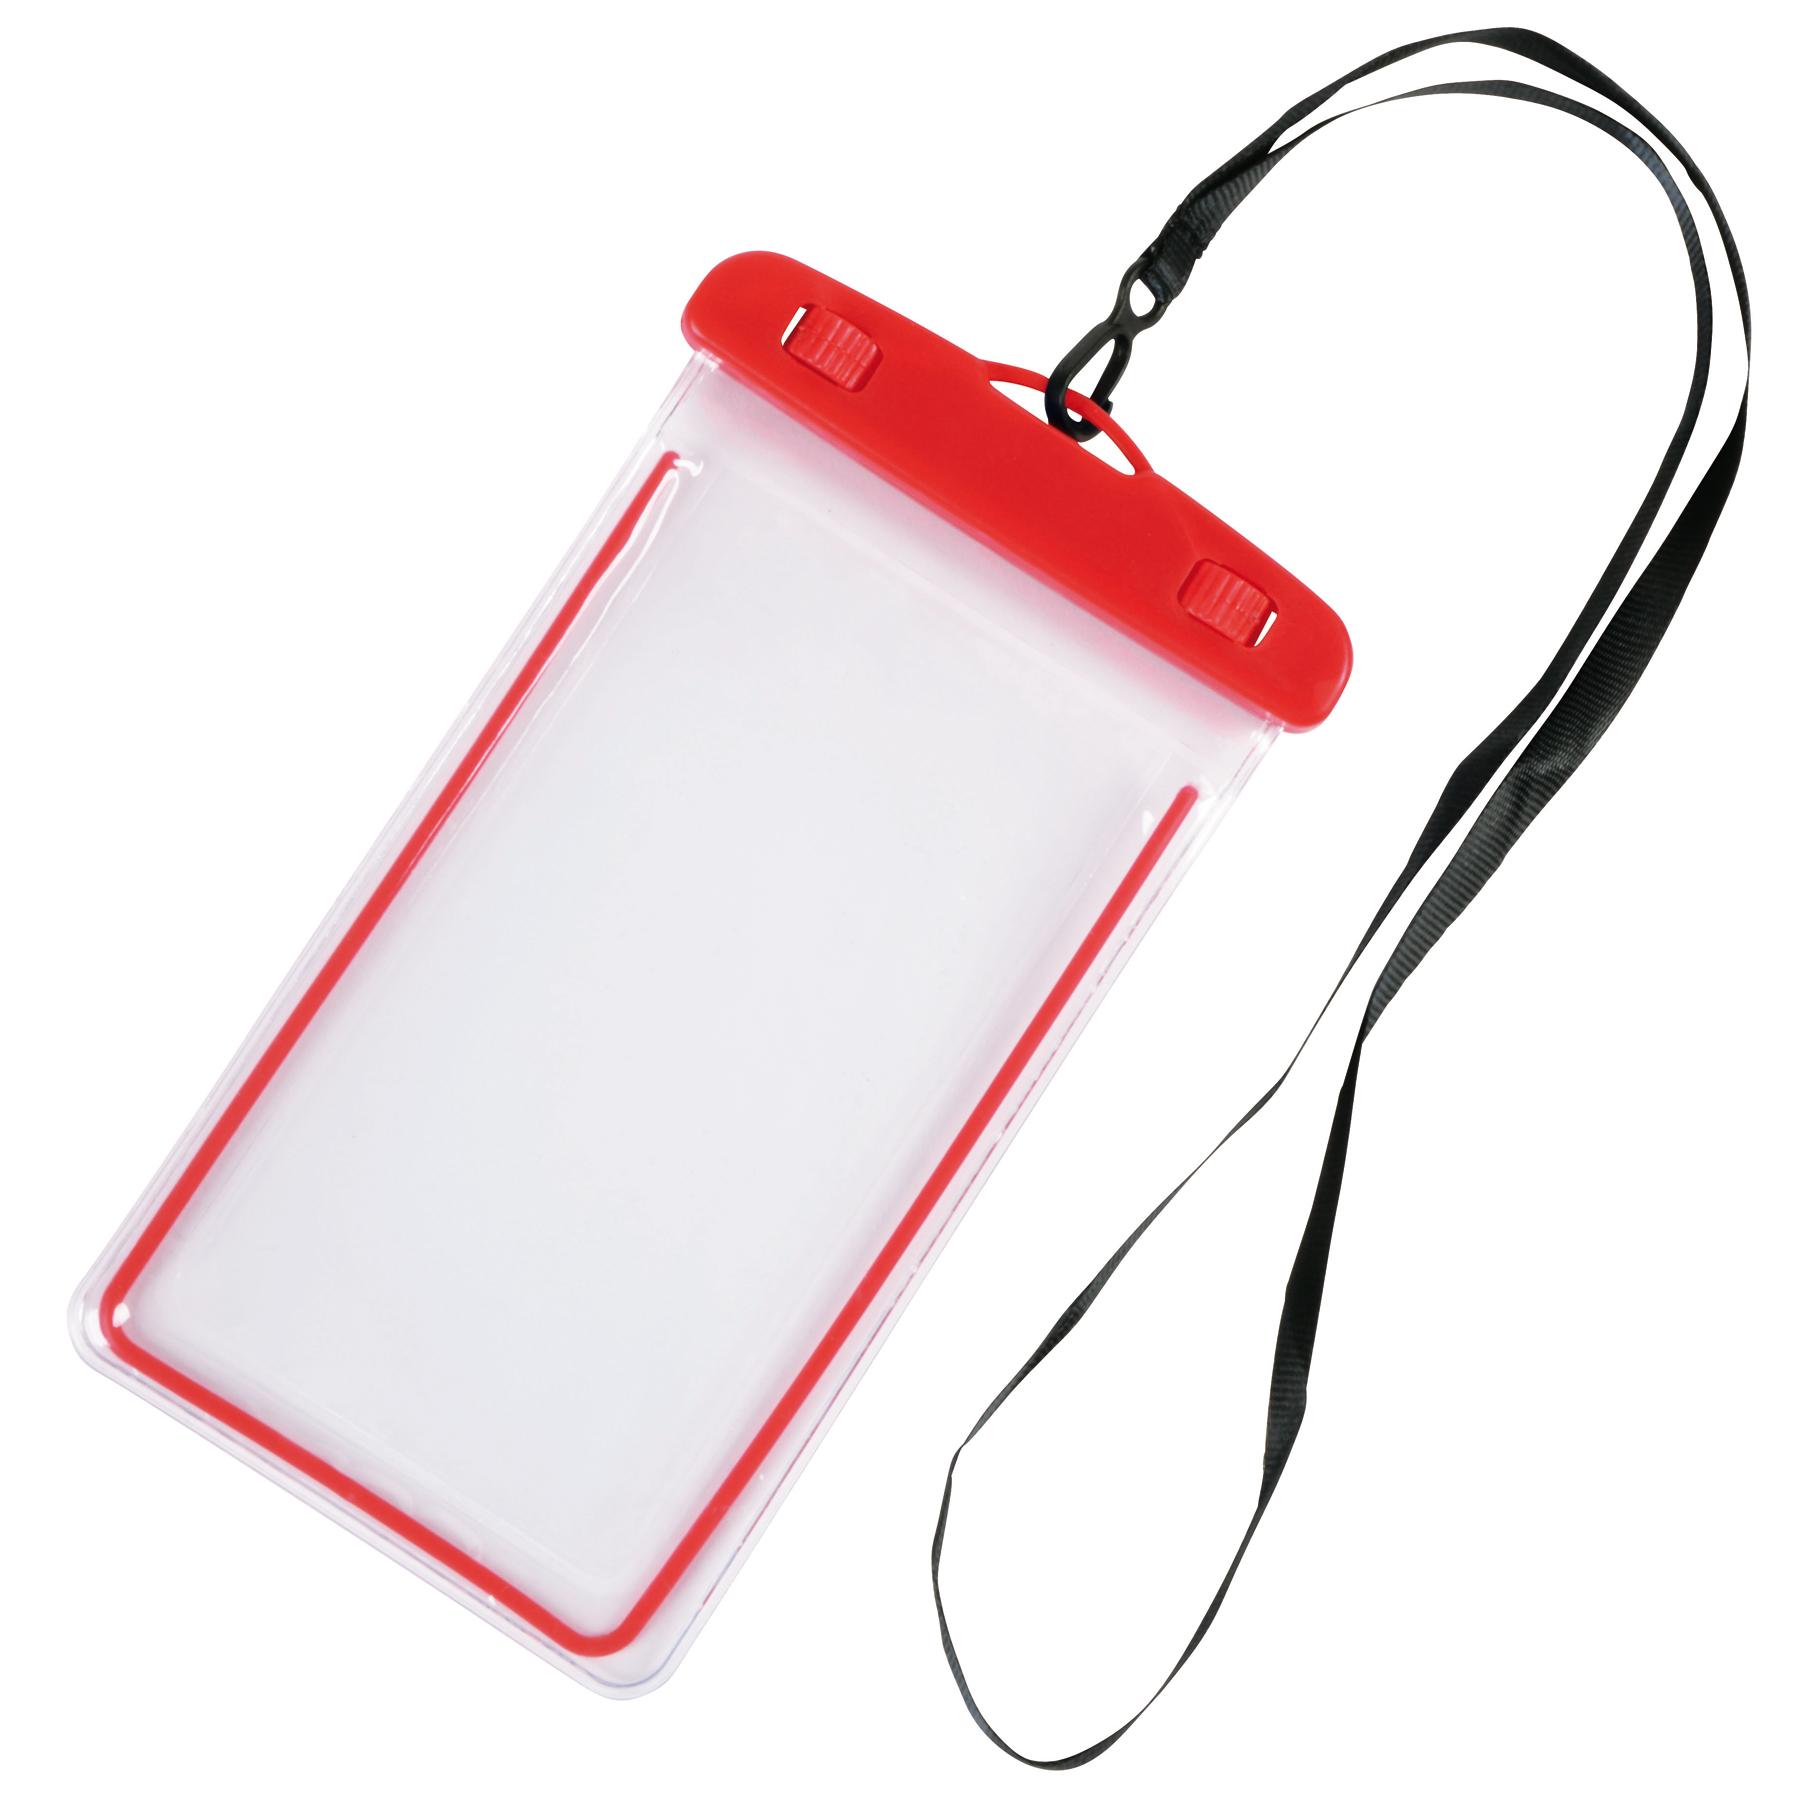 Torebka na telefon DIVER, czerwony, transparentny